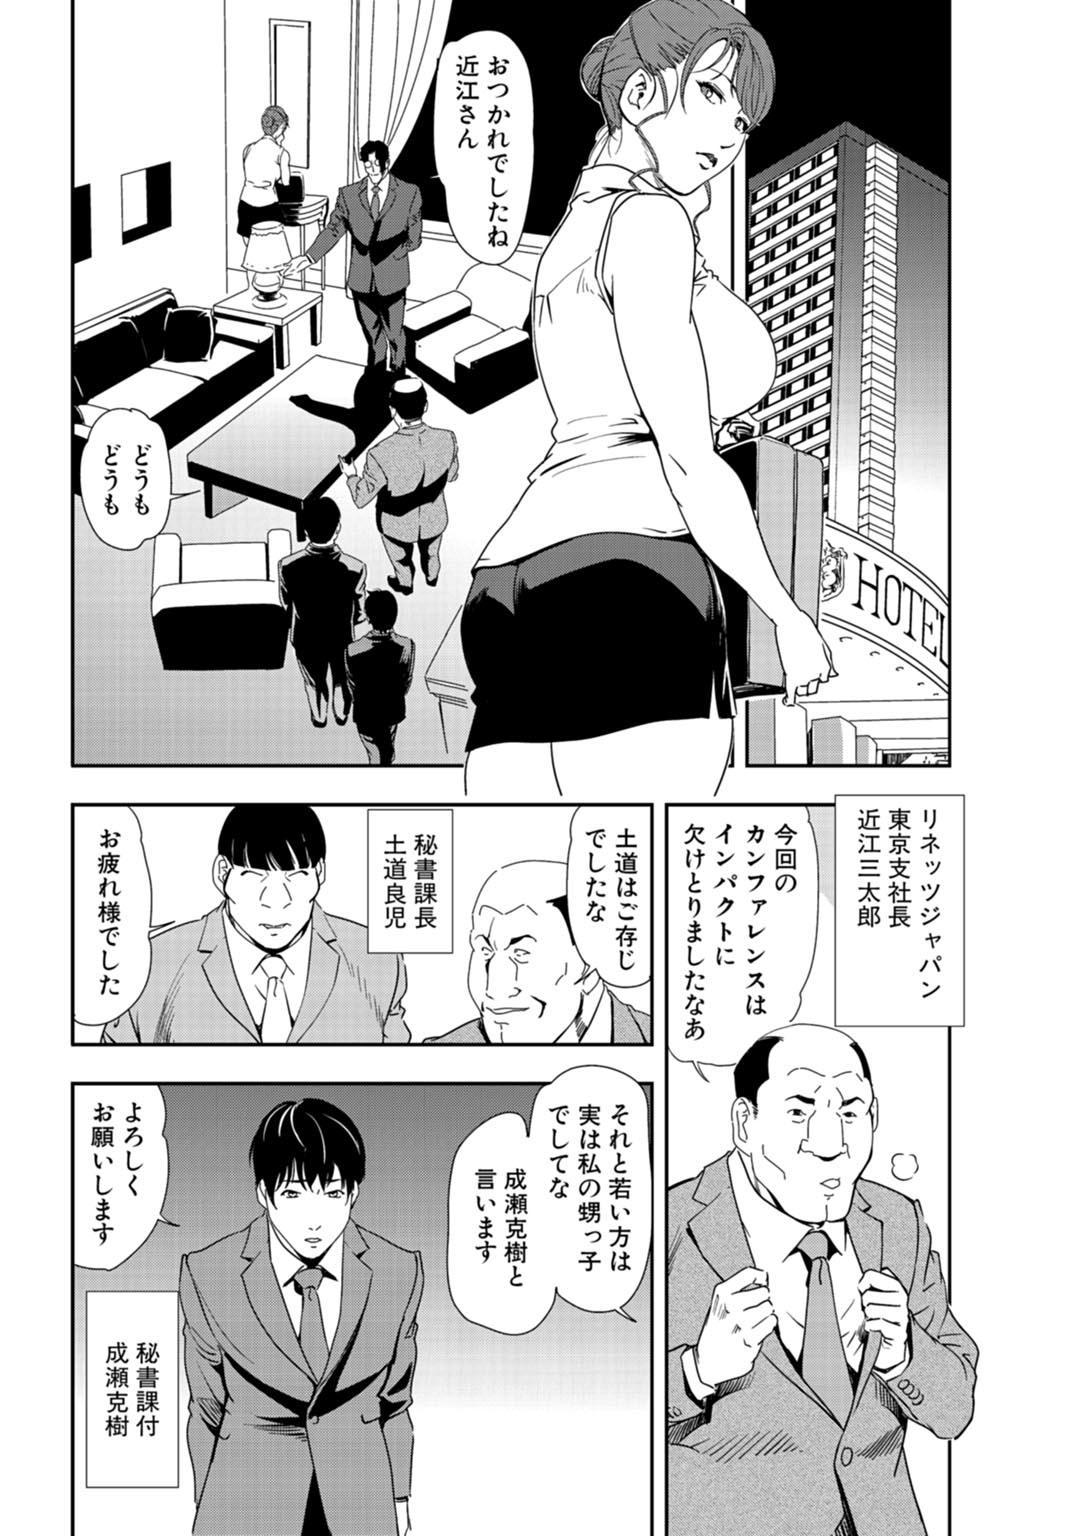 Nikuhisyo Yukiko 25 2